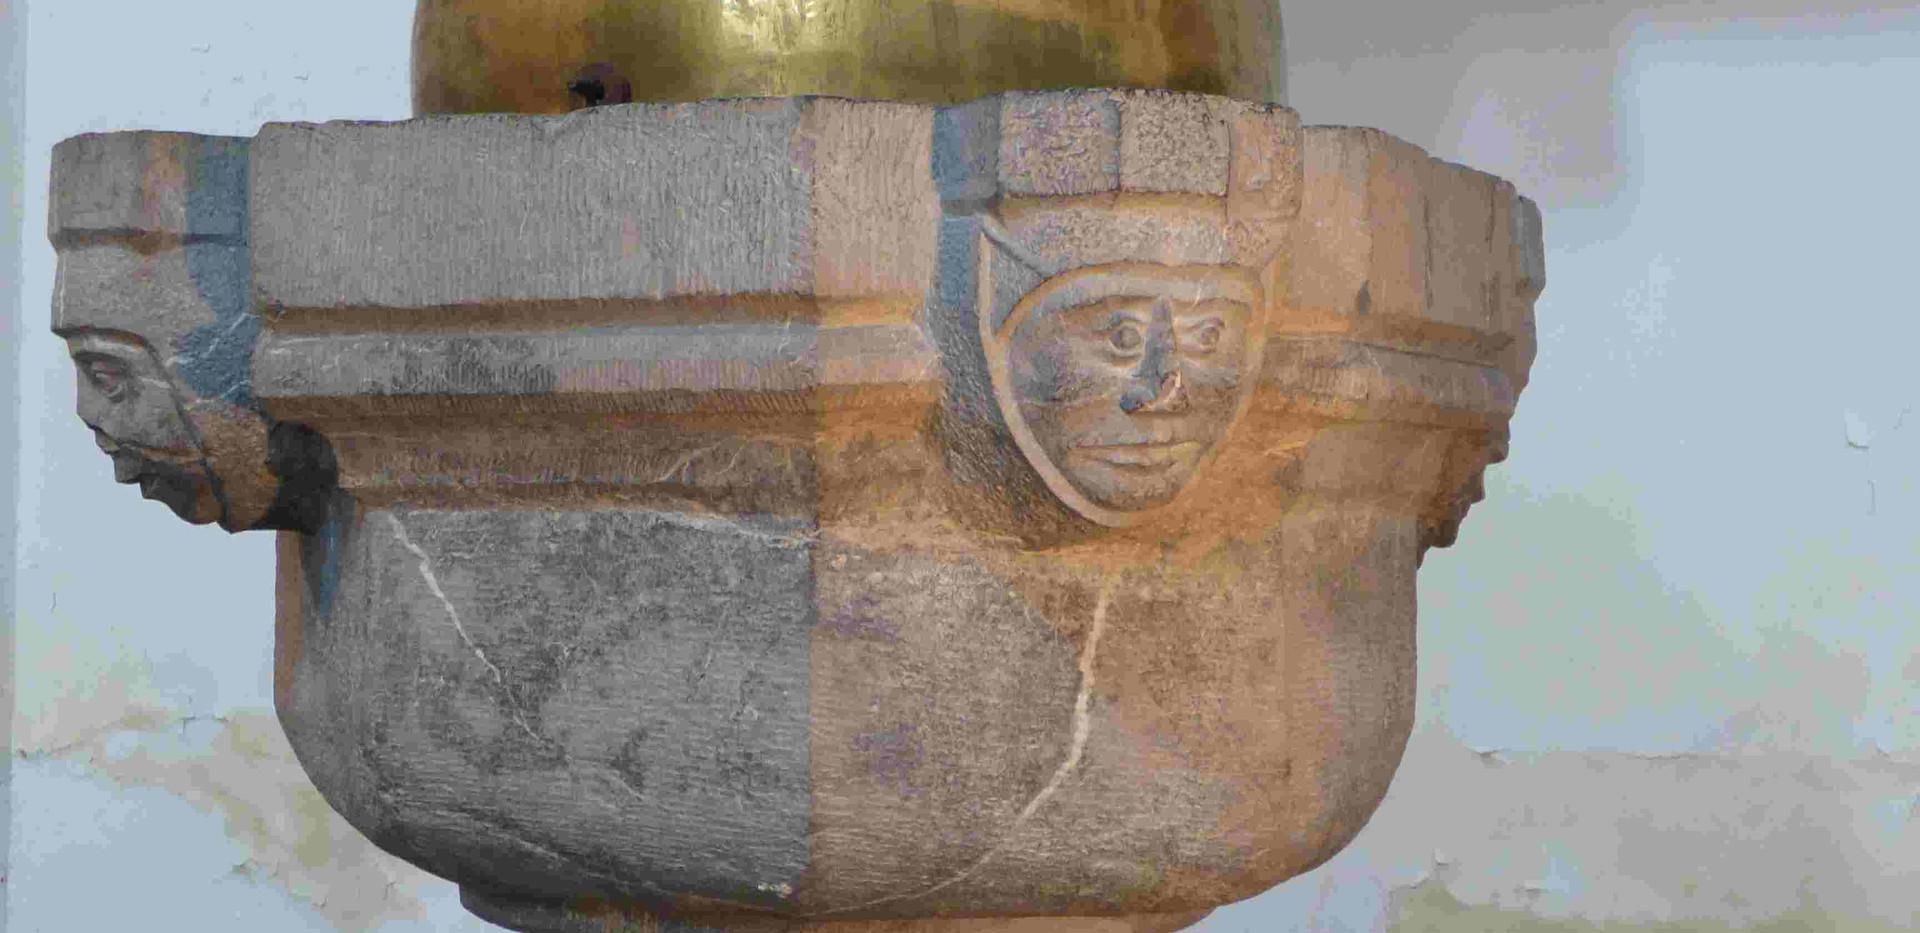 Bénitier à la symbolique intéressante à l'église romane d'Hastière